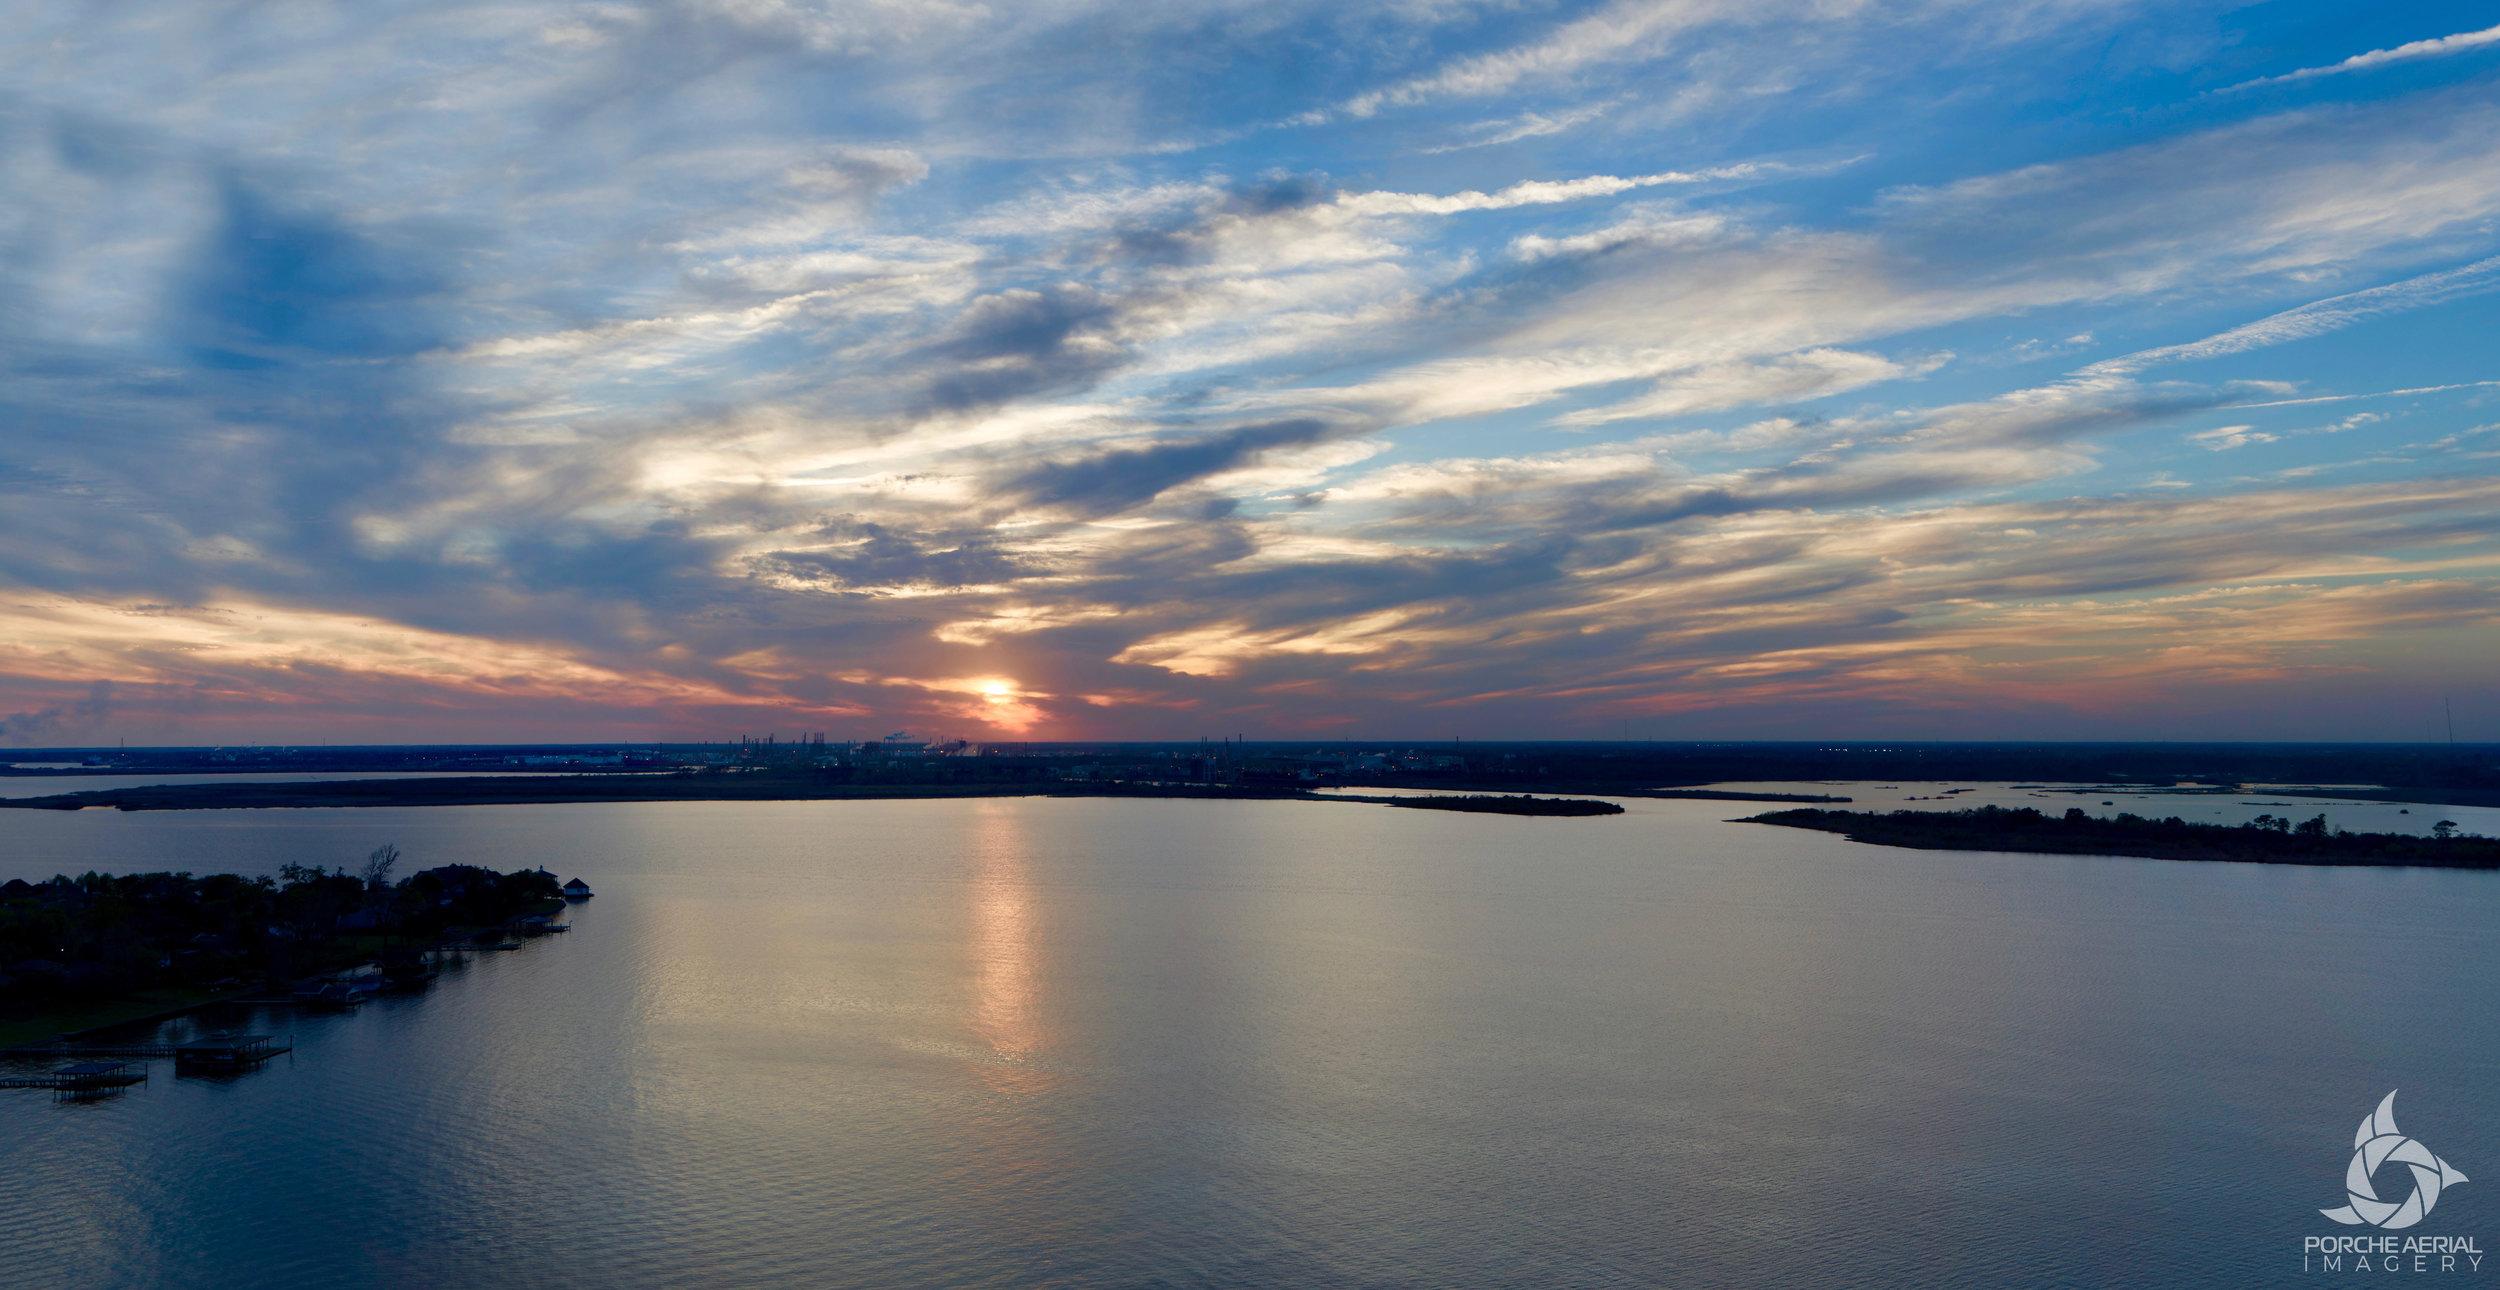 PAI_Sunset_X7_Pano1.jpg